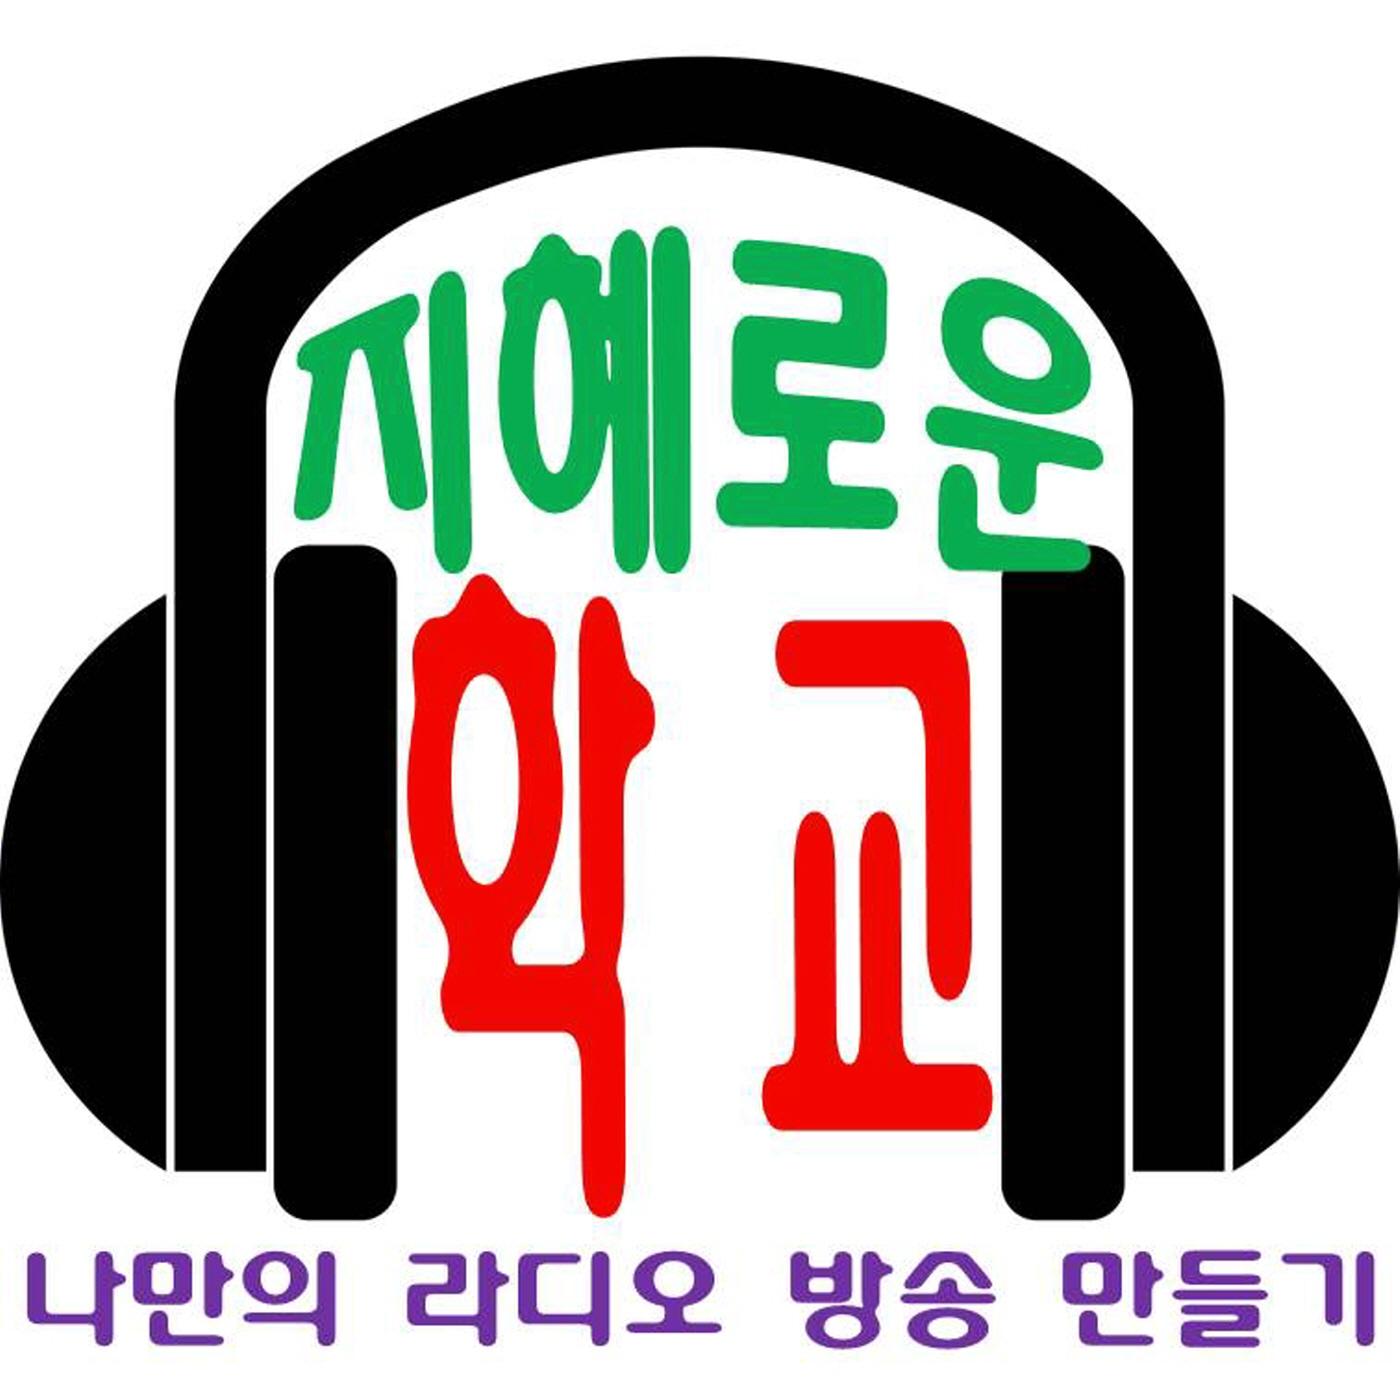 [지혜로운 학교] 나만의 라디오 방송 만들기